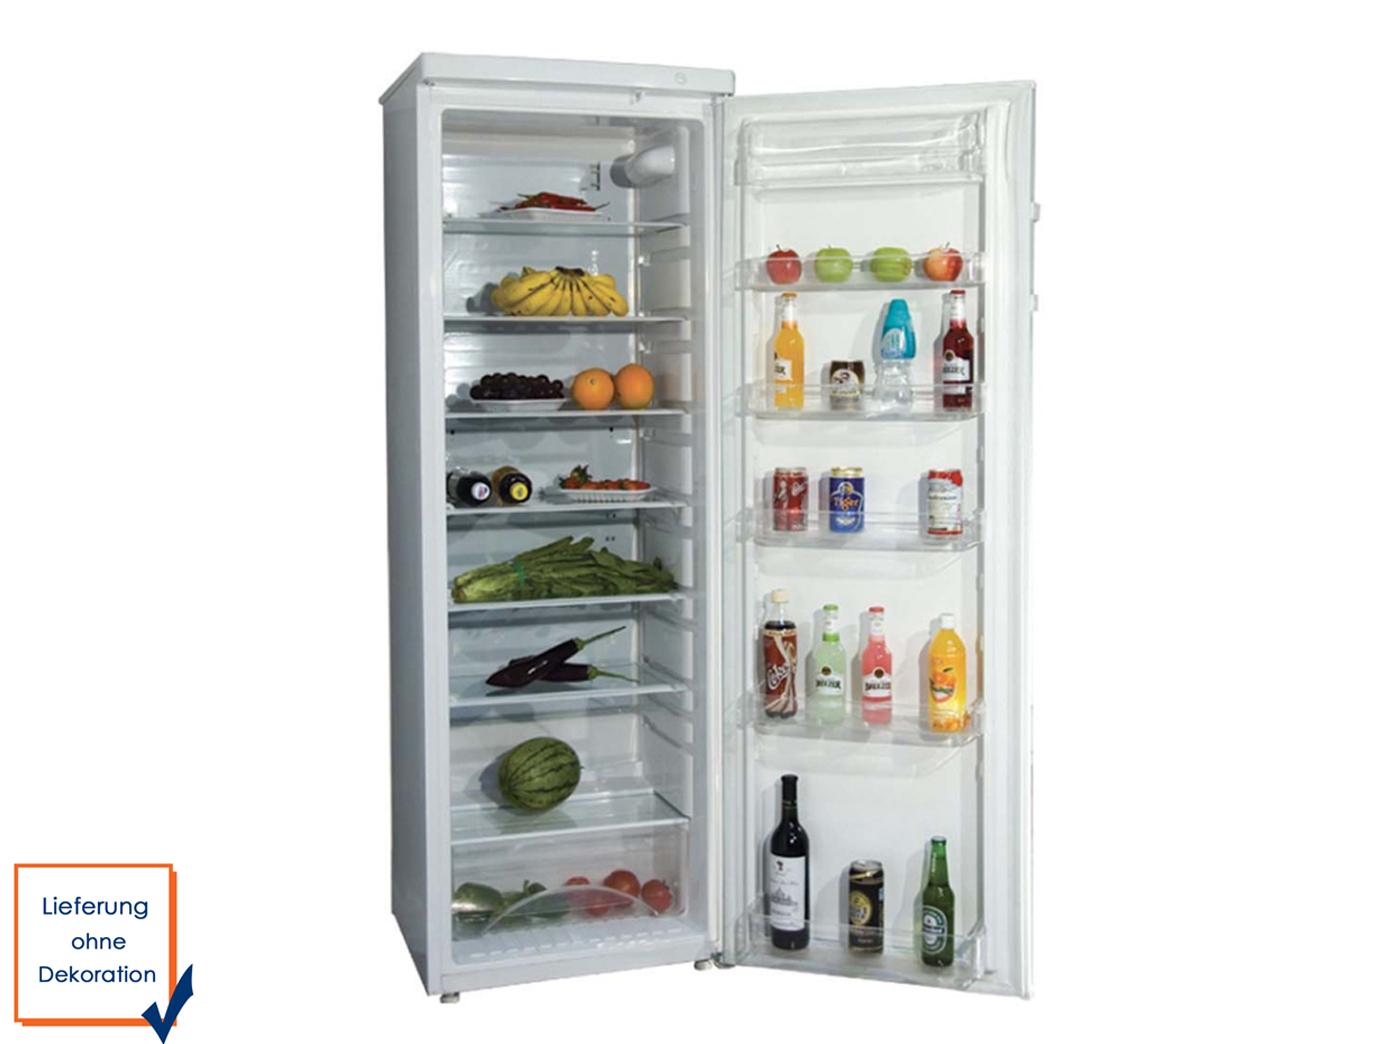 Mini Kühlschrank Interdiscount : Kühlschrank gefrierschrank gebraucht kaufen in donauwörth